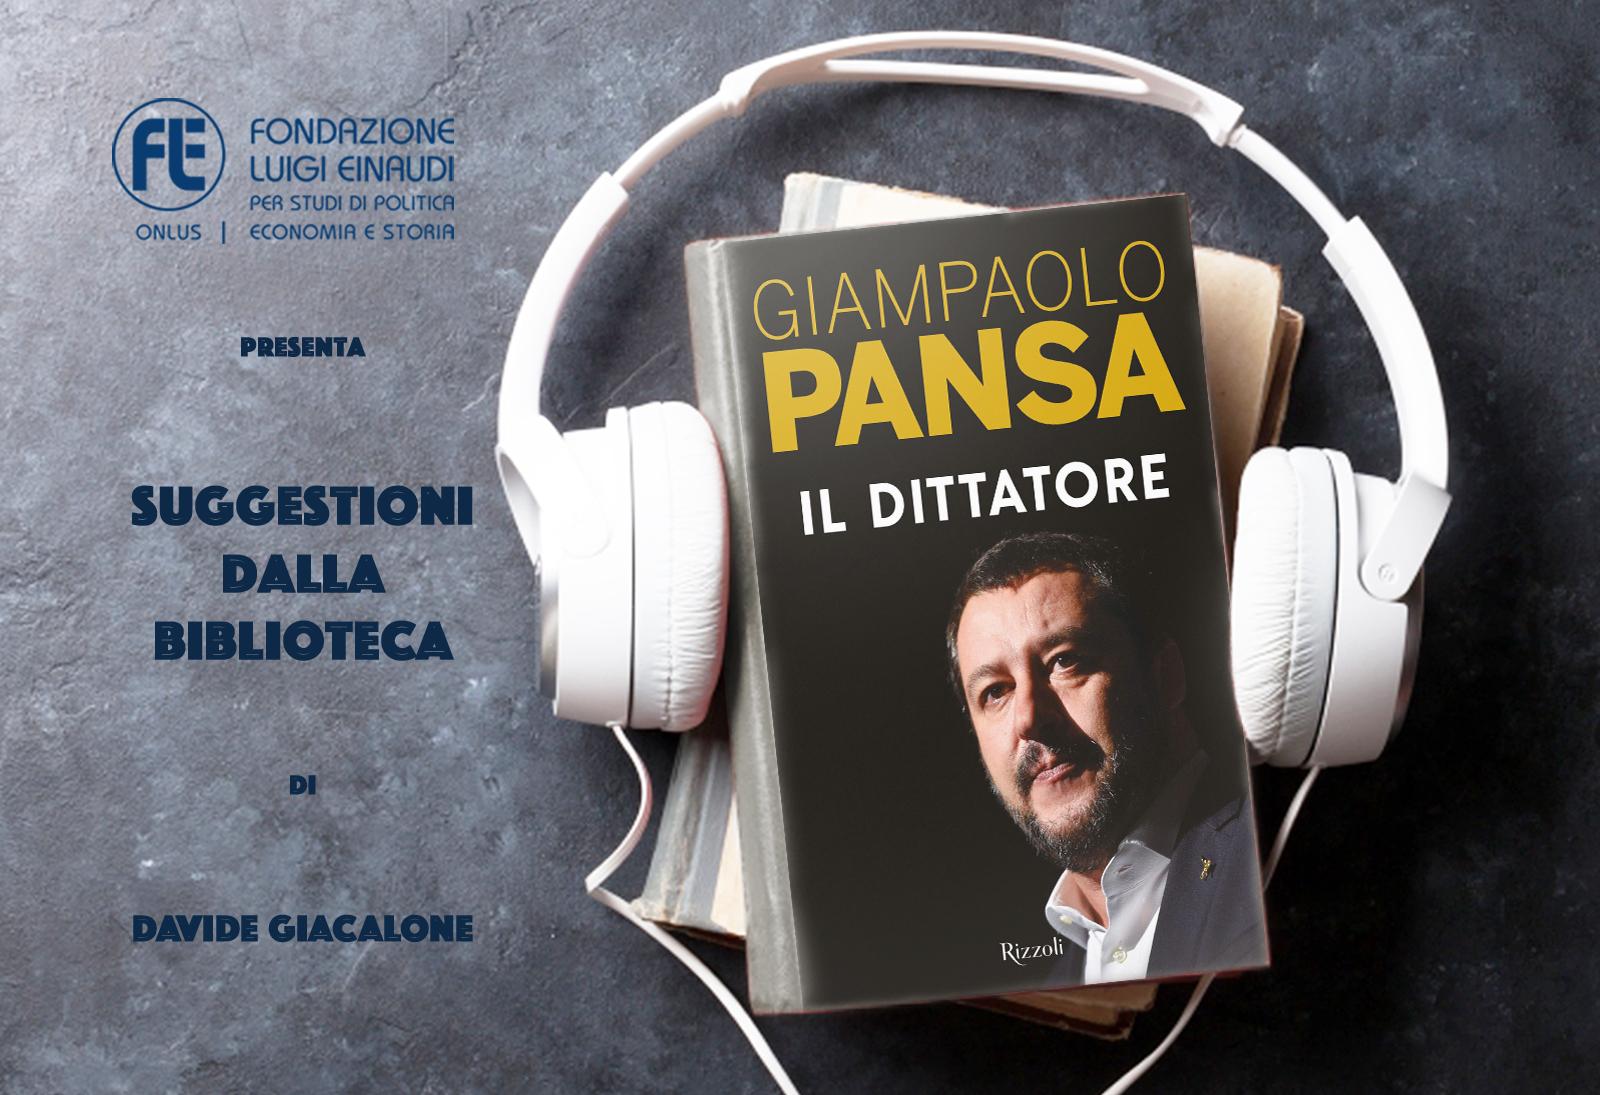 Giampaolo Pansa – Il dittatore